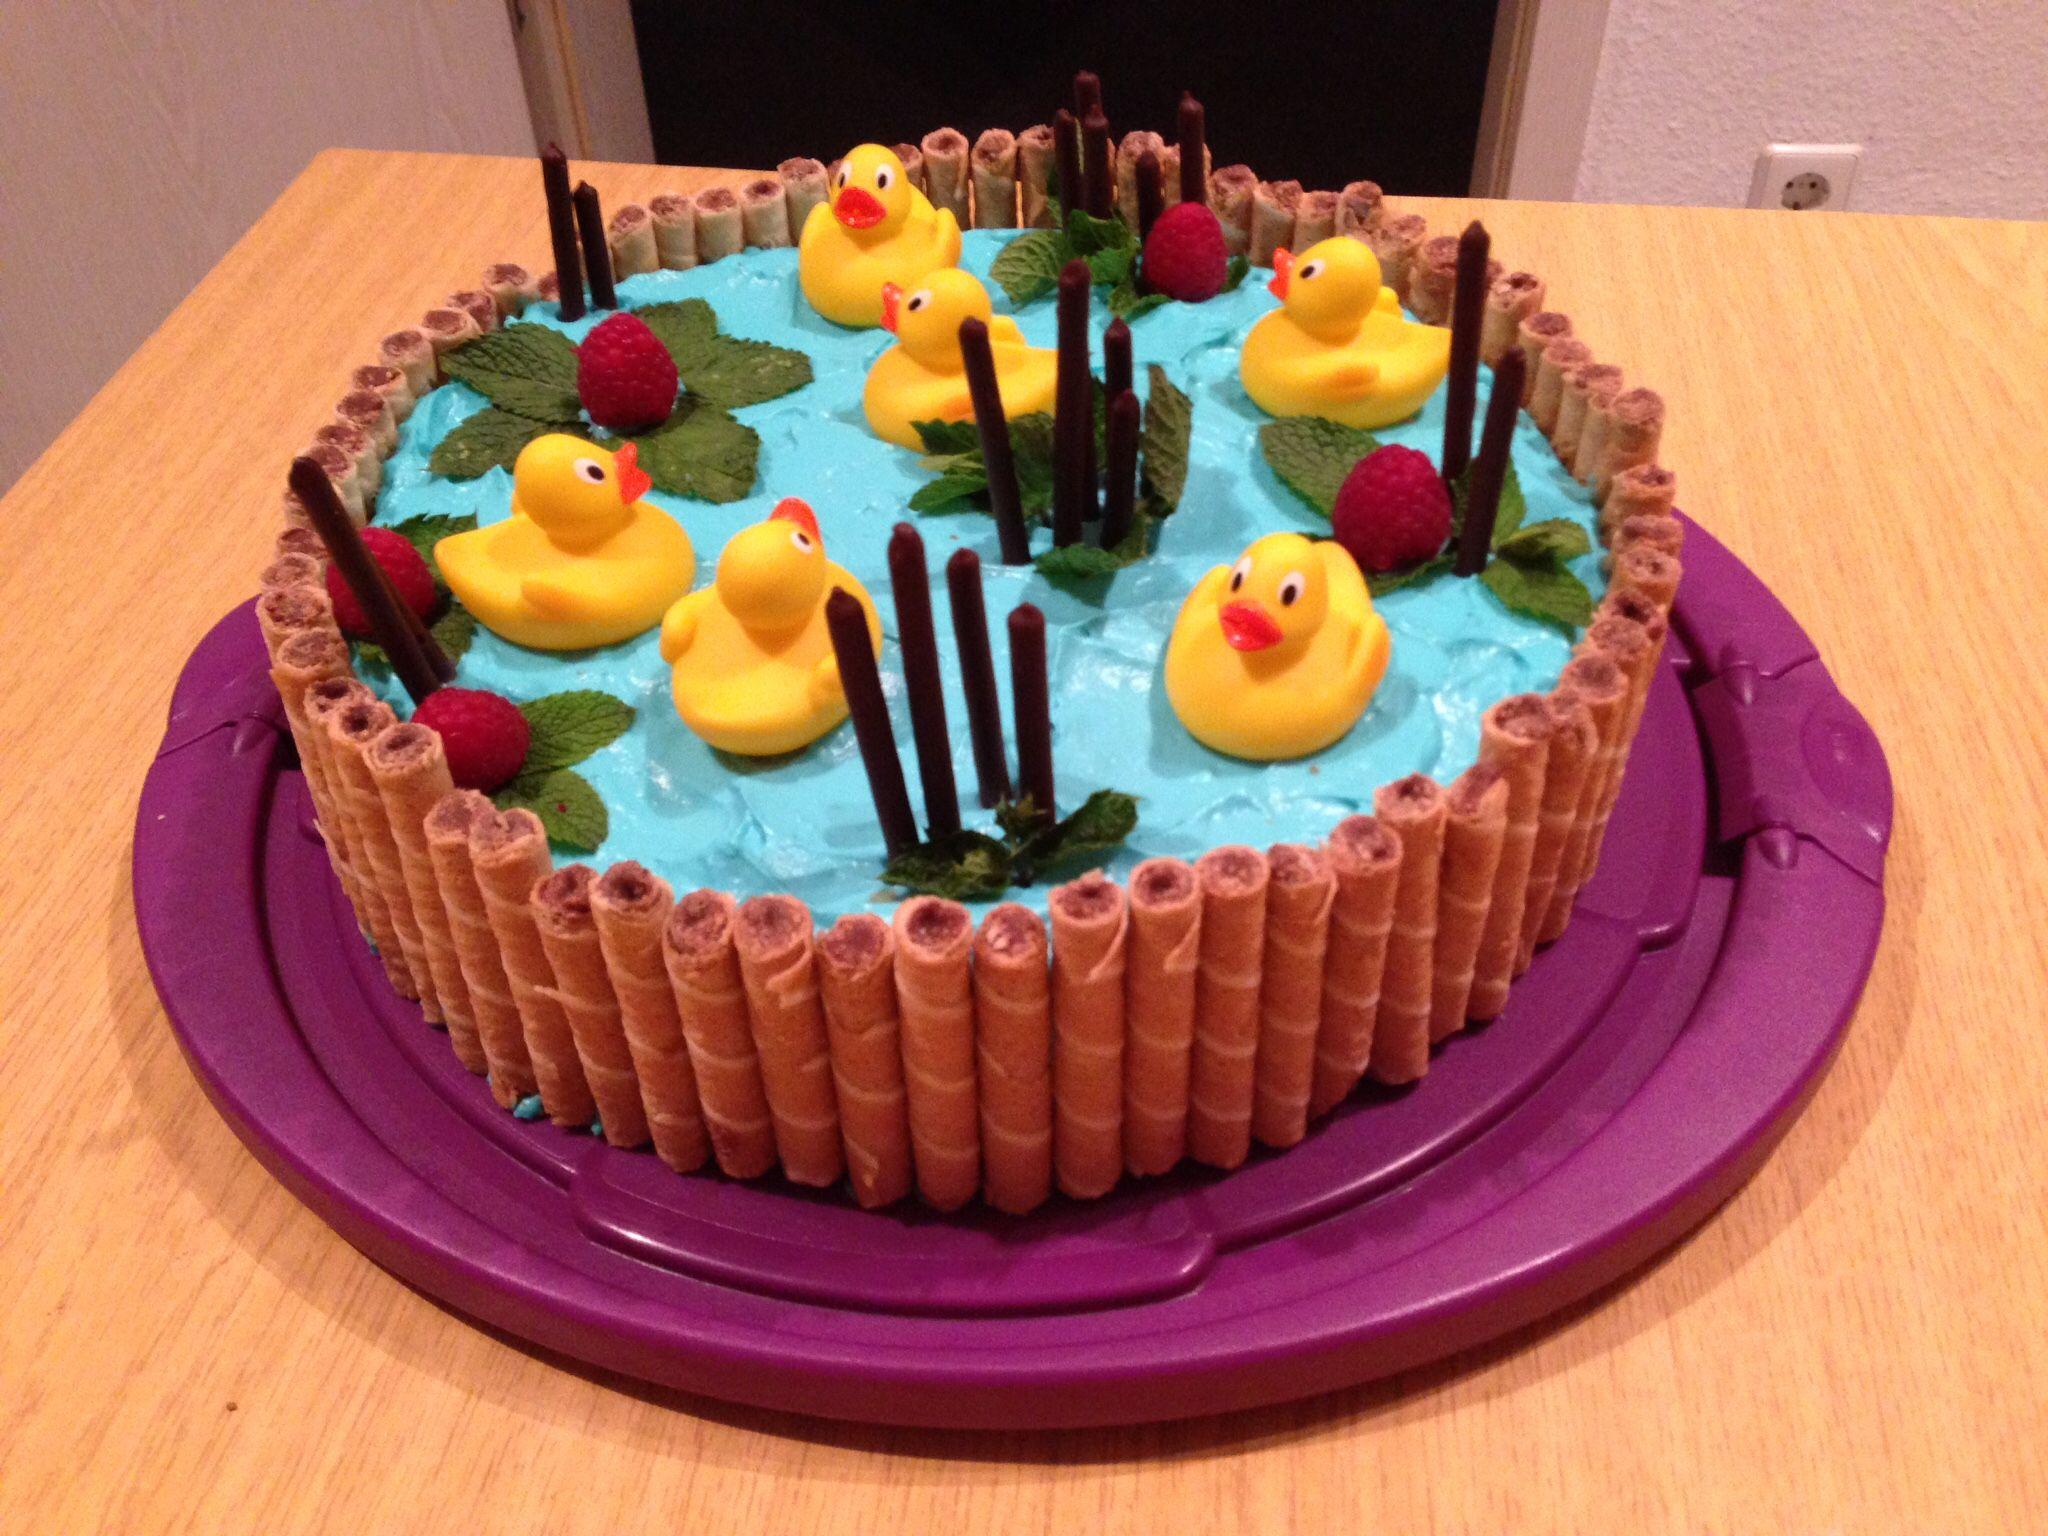 Entchen Torte Geburtstagstorte Kinder Kuchen Ideen Geburtstagstorte